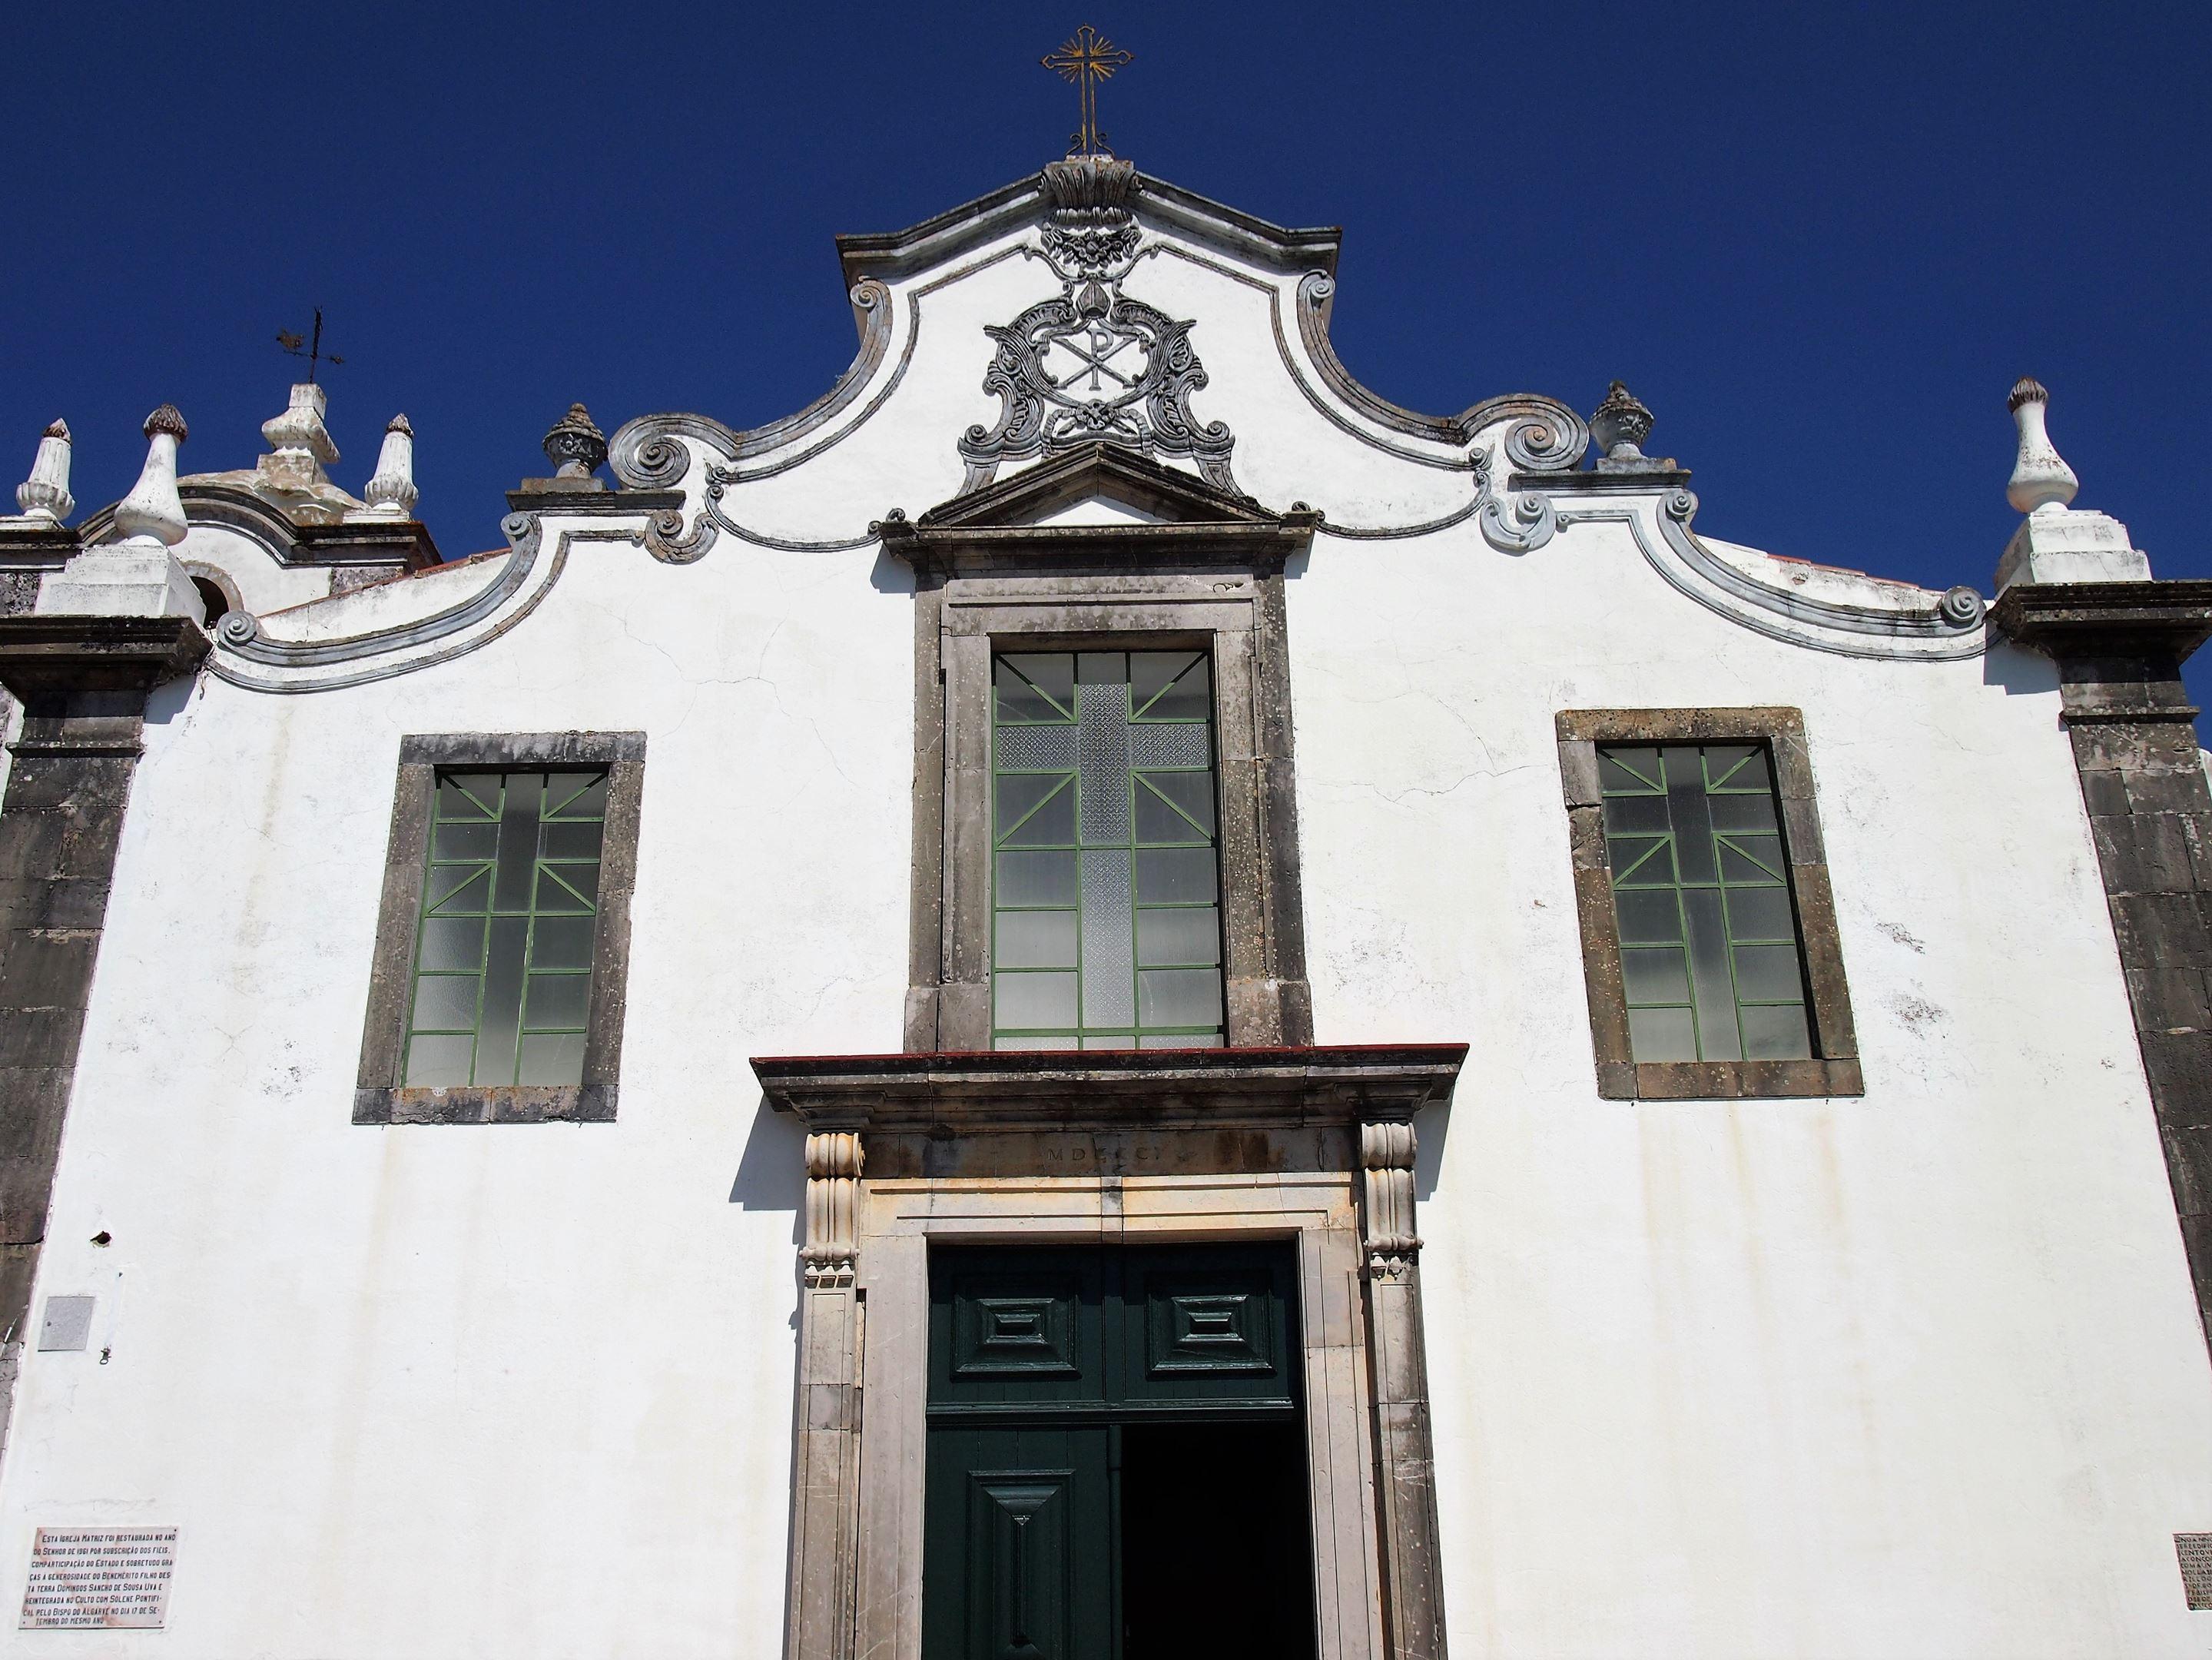 The Parish Church in São Brás de Alportel, Algarve